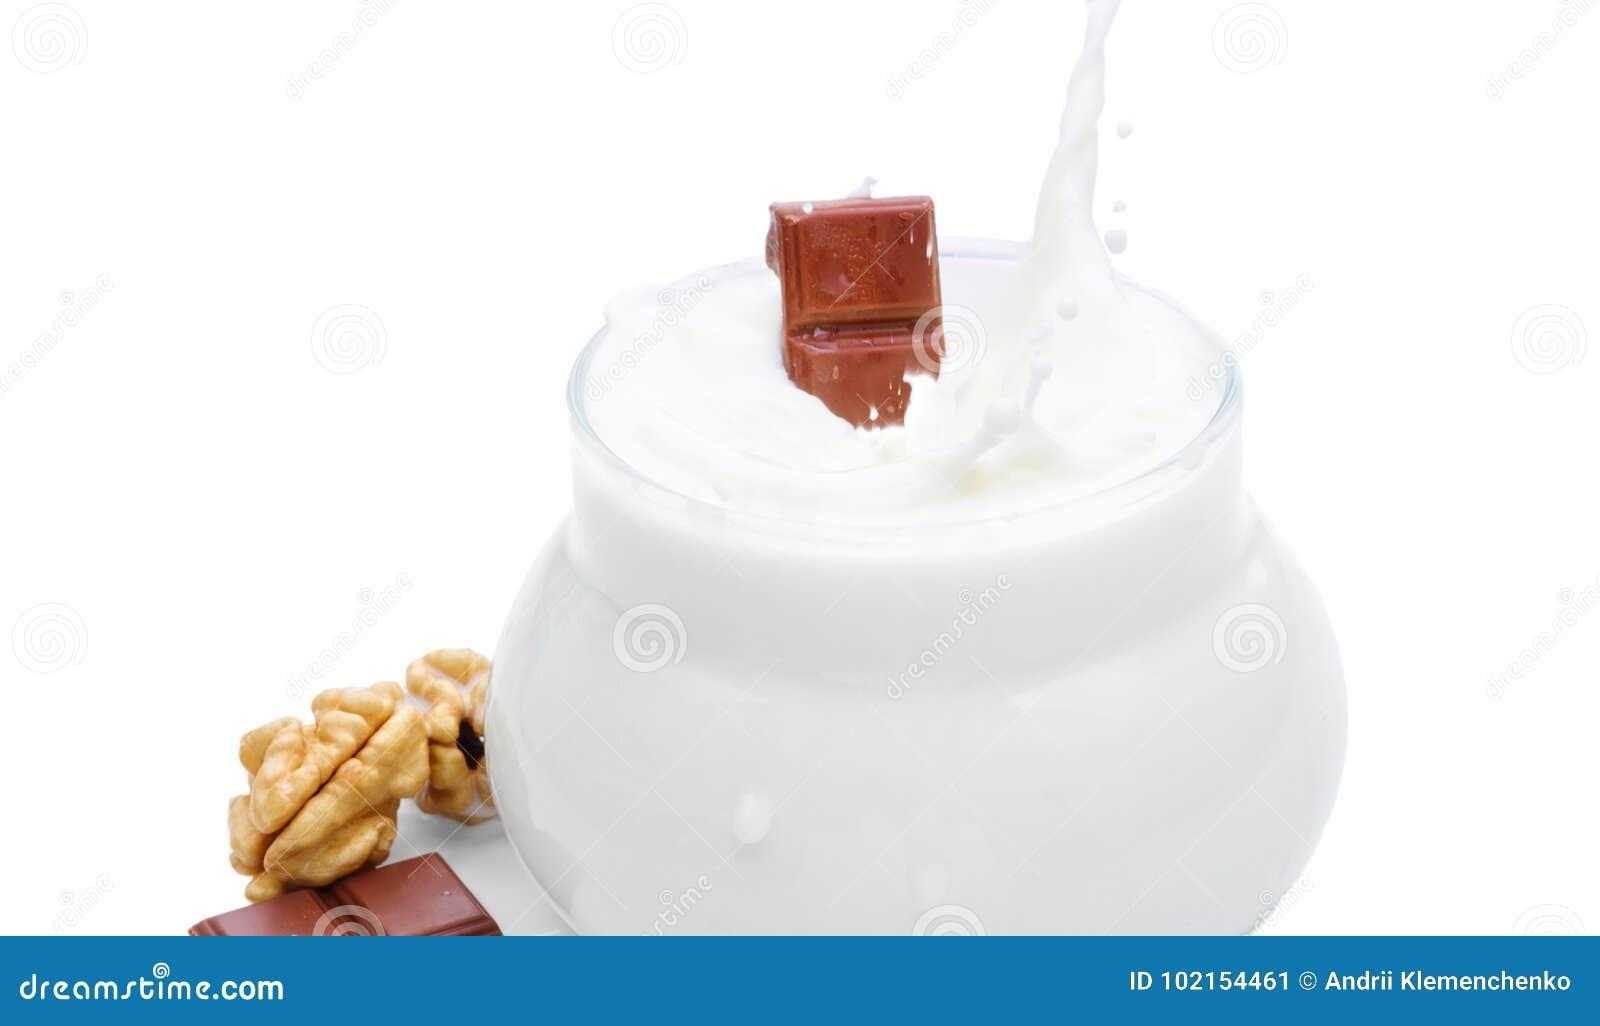 Szkło mleko, dokrętki i kawałek czekolada, Czekolada spada w mleko Odosobniona fotografia na białym tle